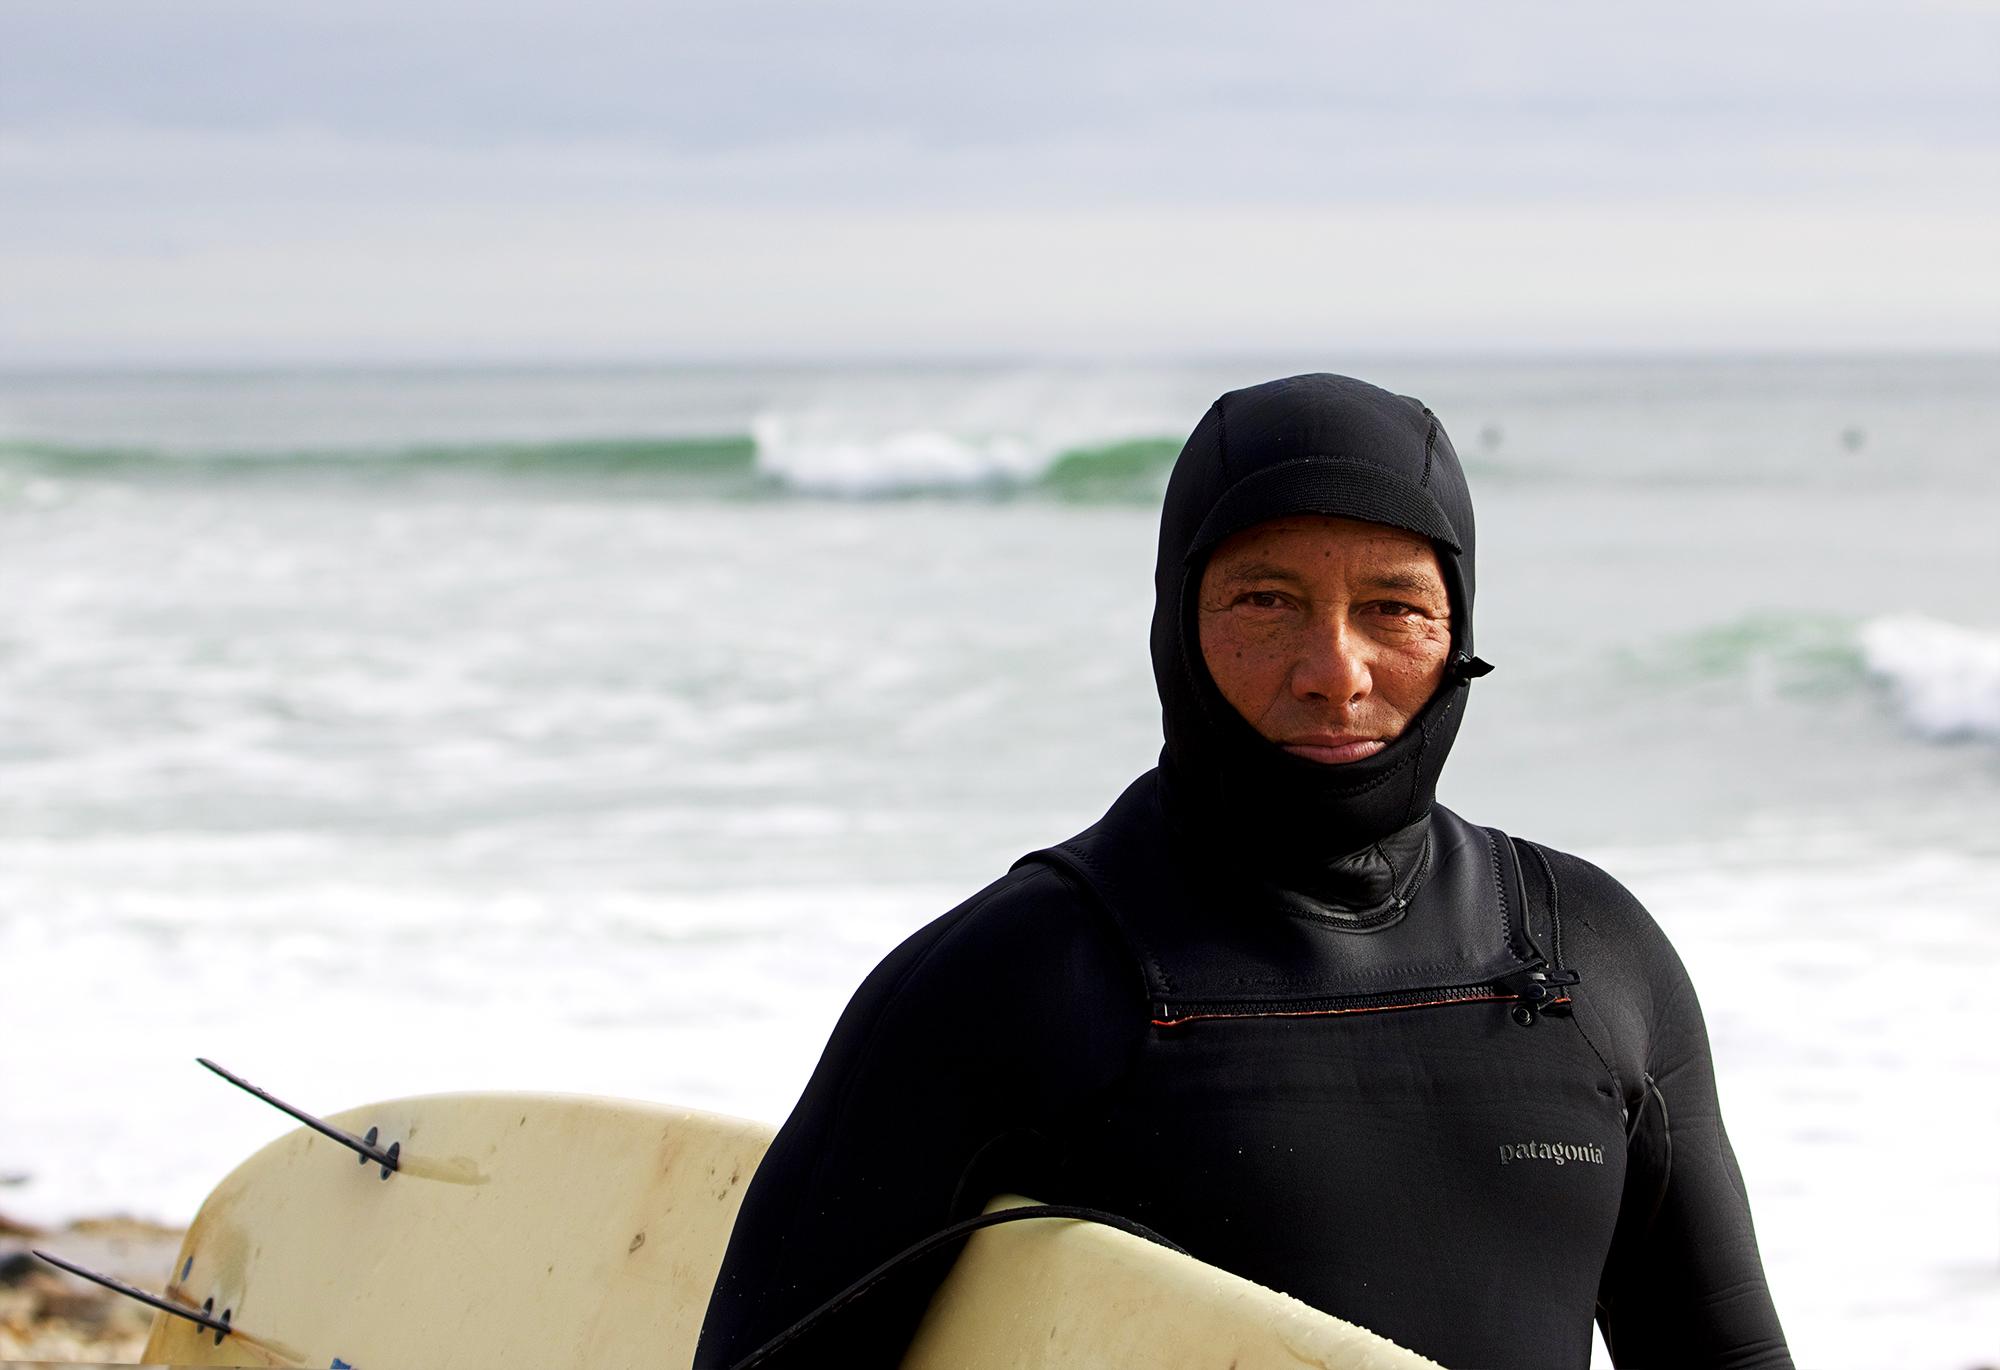 1-19-17 MTK Wave Dalton Portrait.jpg